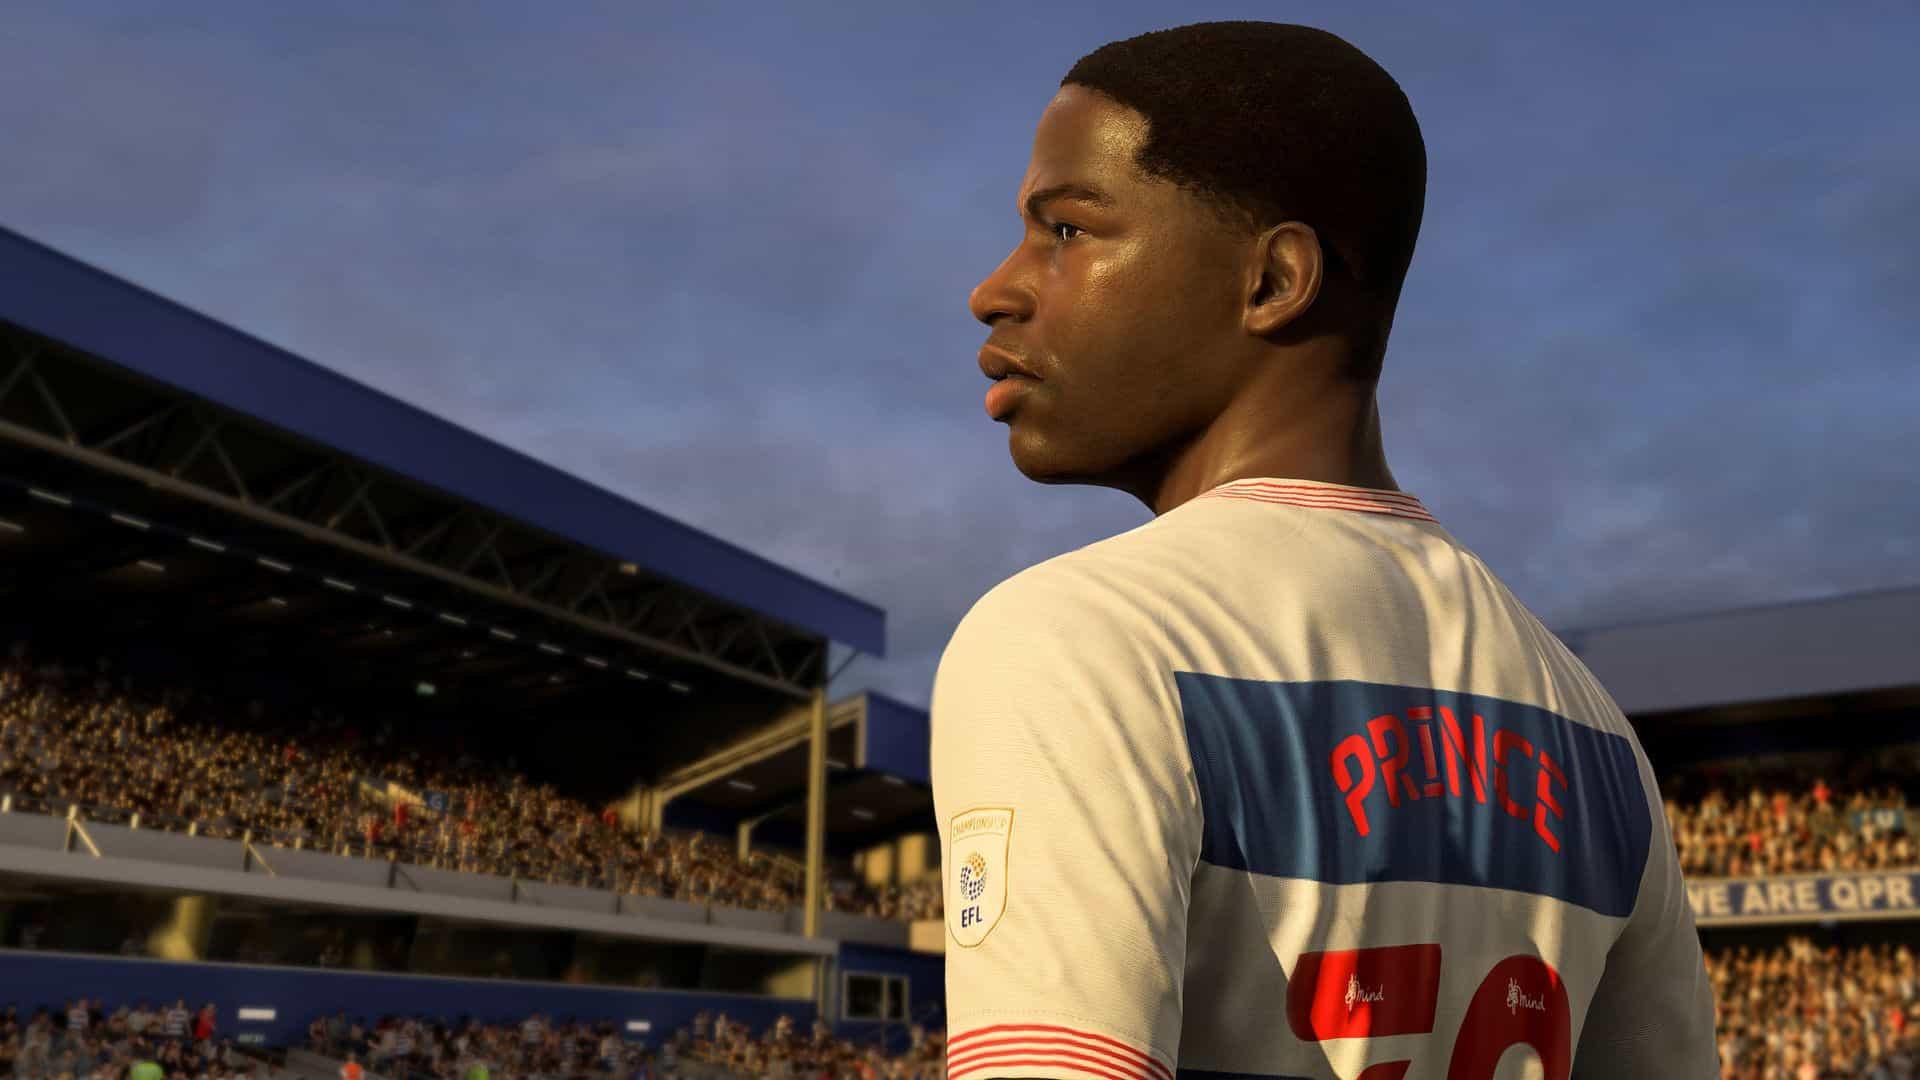 'FIFA 21' recordará Kiyan Prince, jogador morto na adolescência